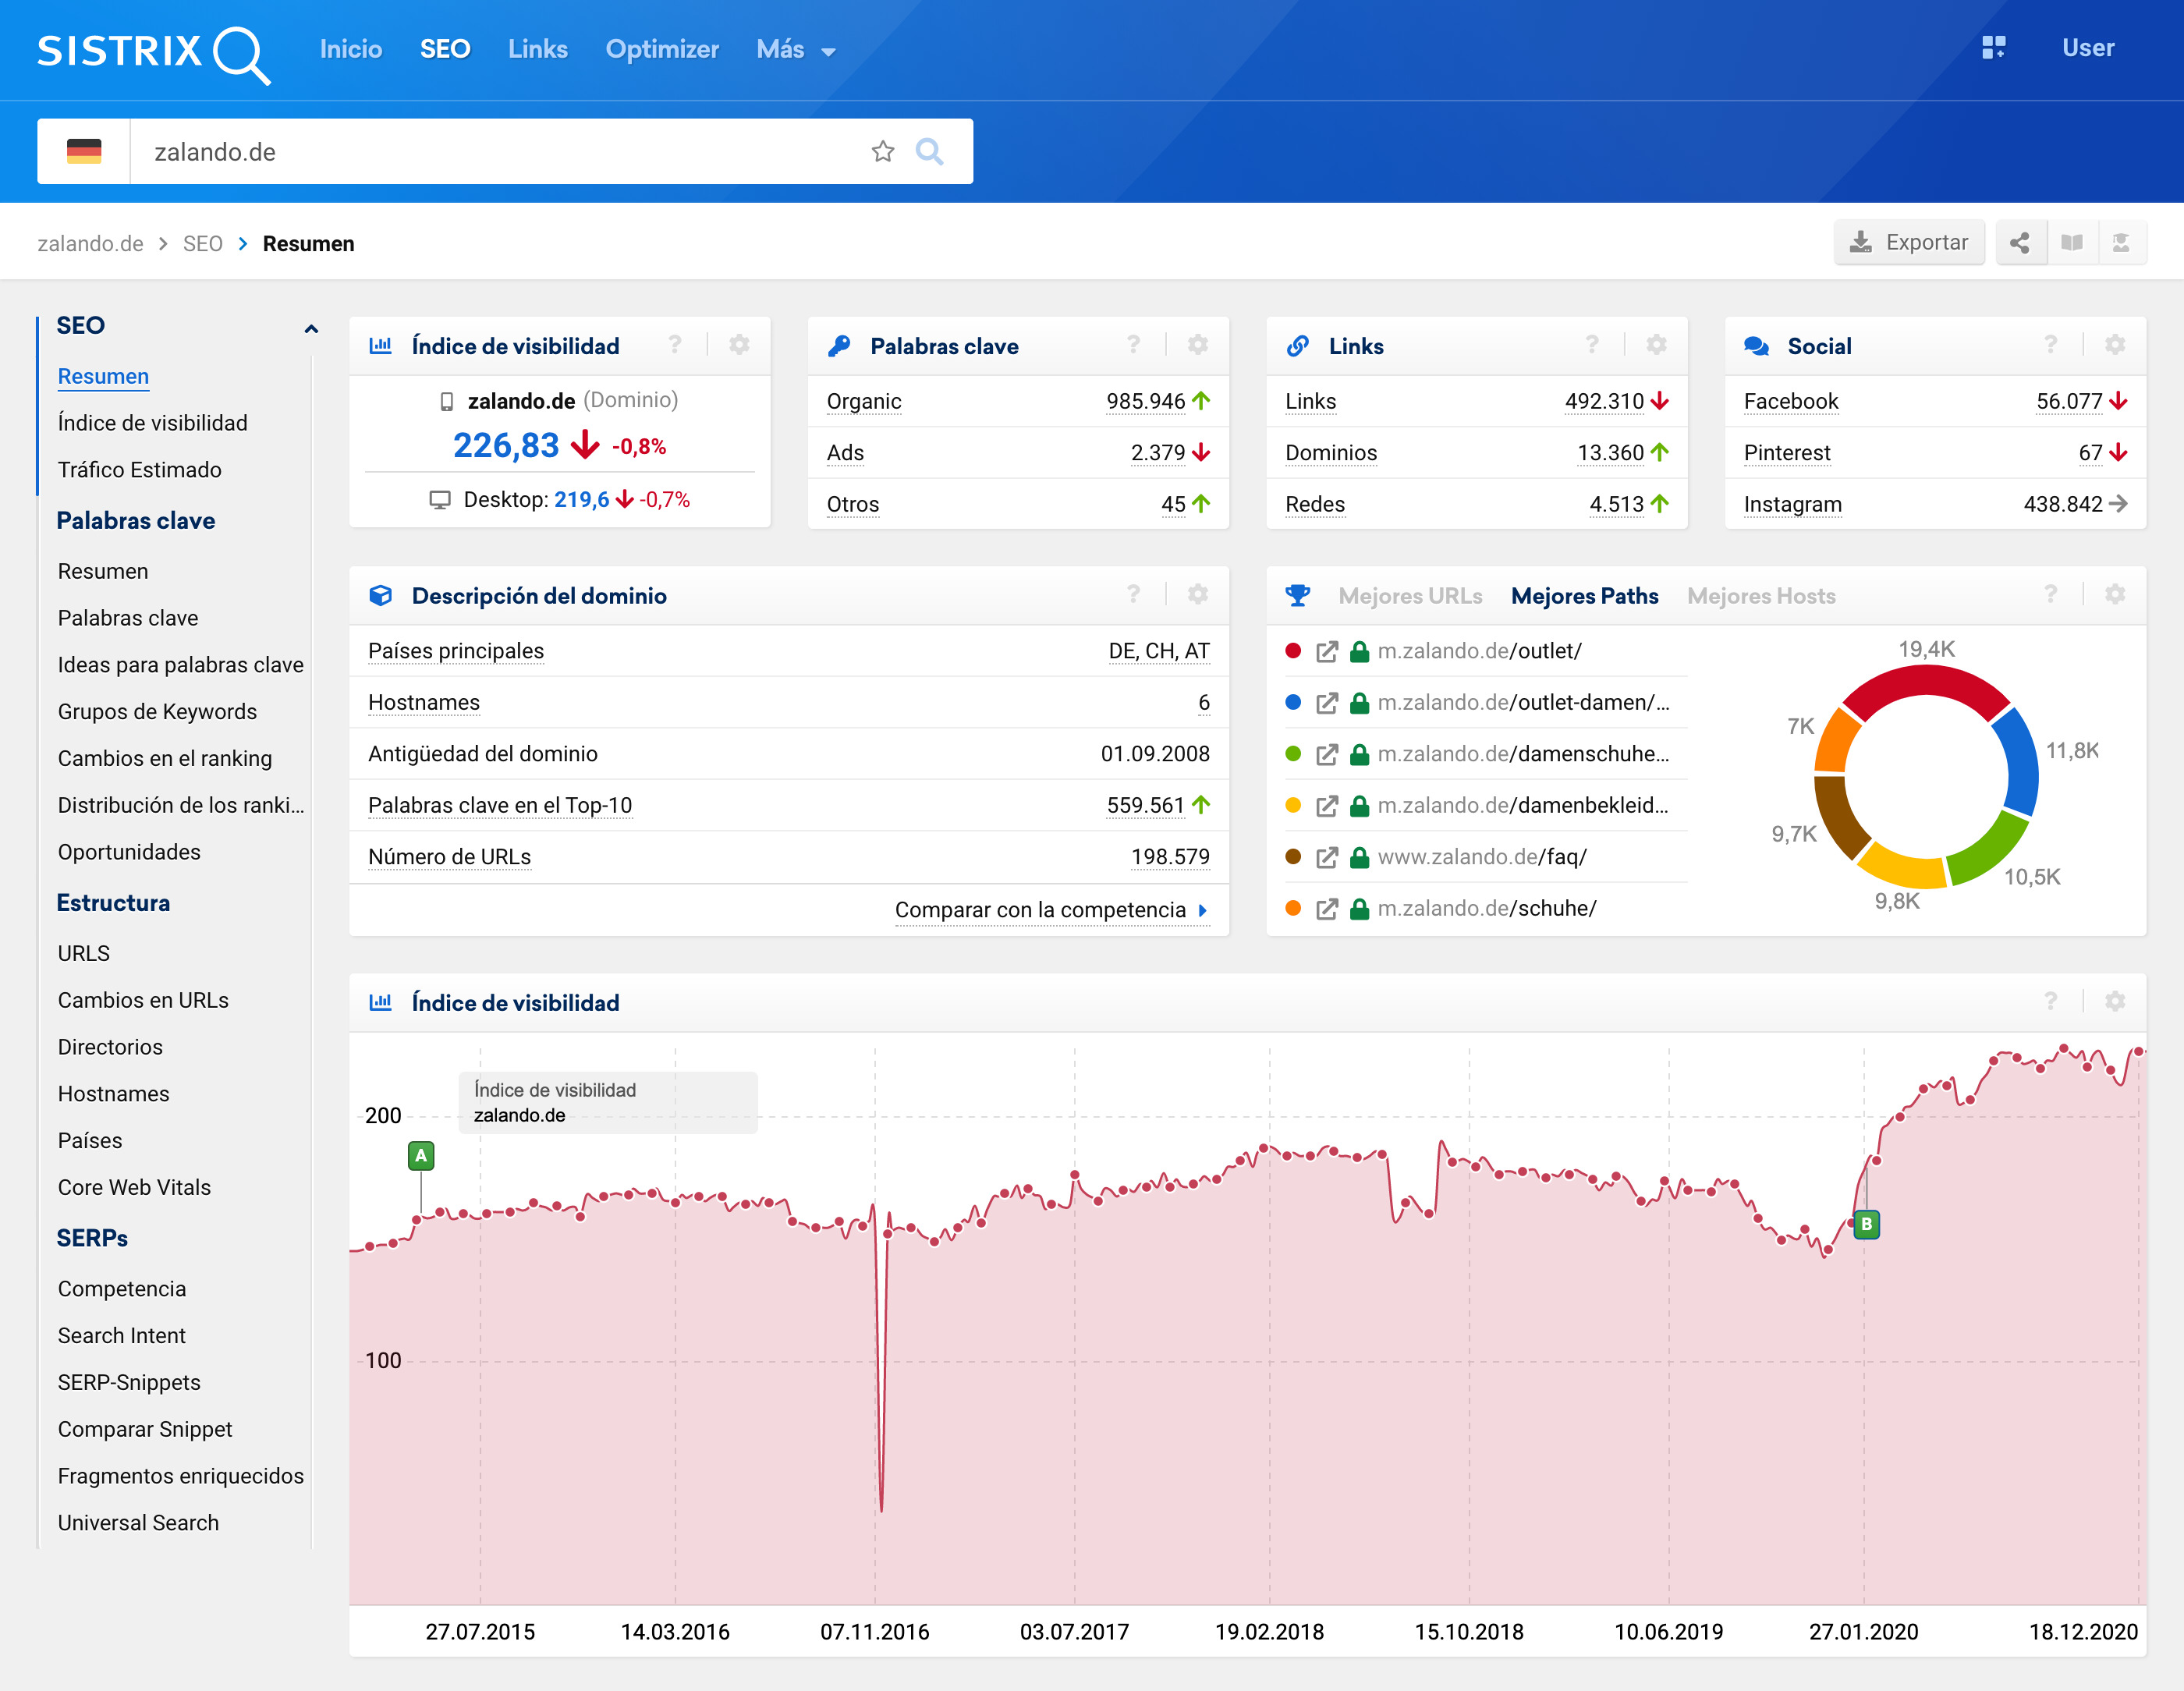 En el recuadro de búsqueda de la herramienta SISTRIX se puede analizar nombres de host individulaes, directorios, URLs o rutas